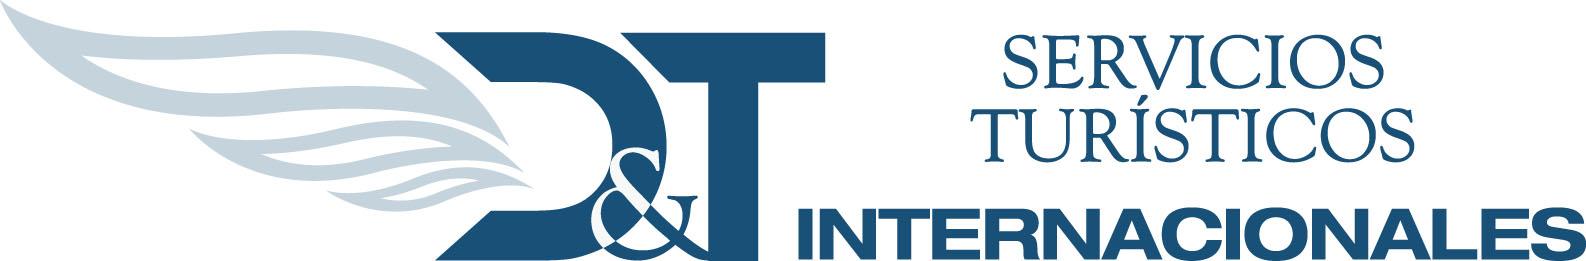 DT Internacionales